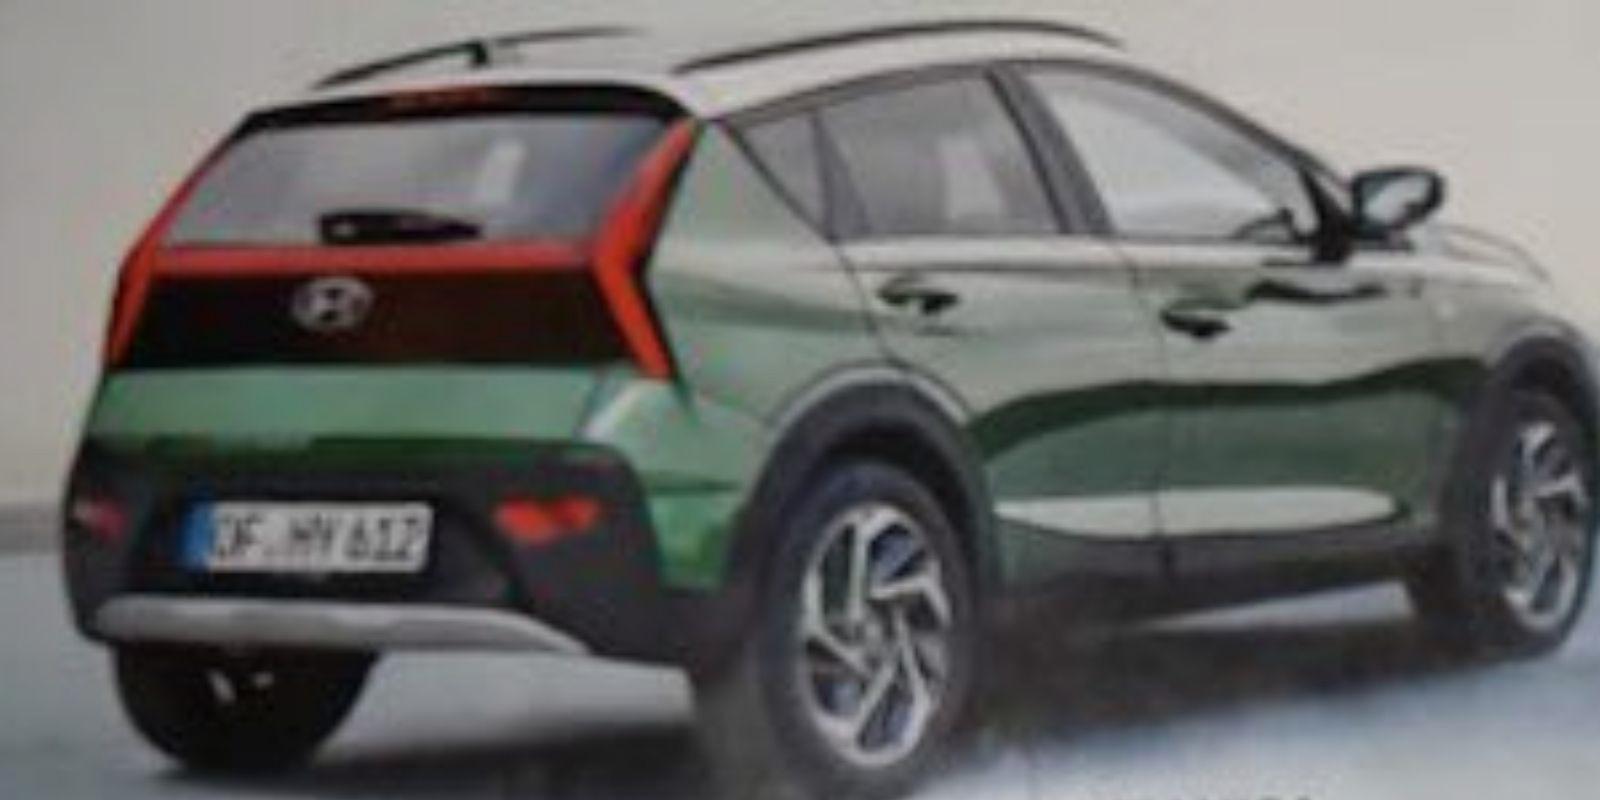 hyundai-bayon-crossover-rear-2022-i20-active-spy-pics